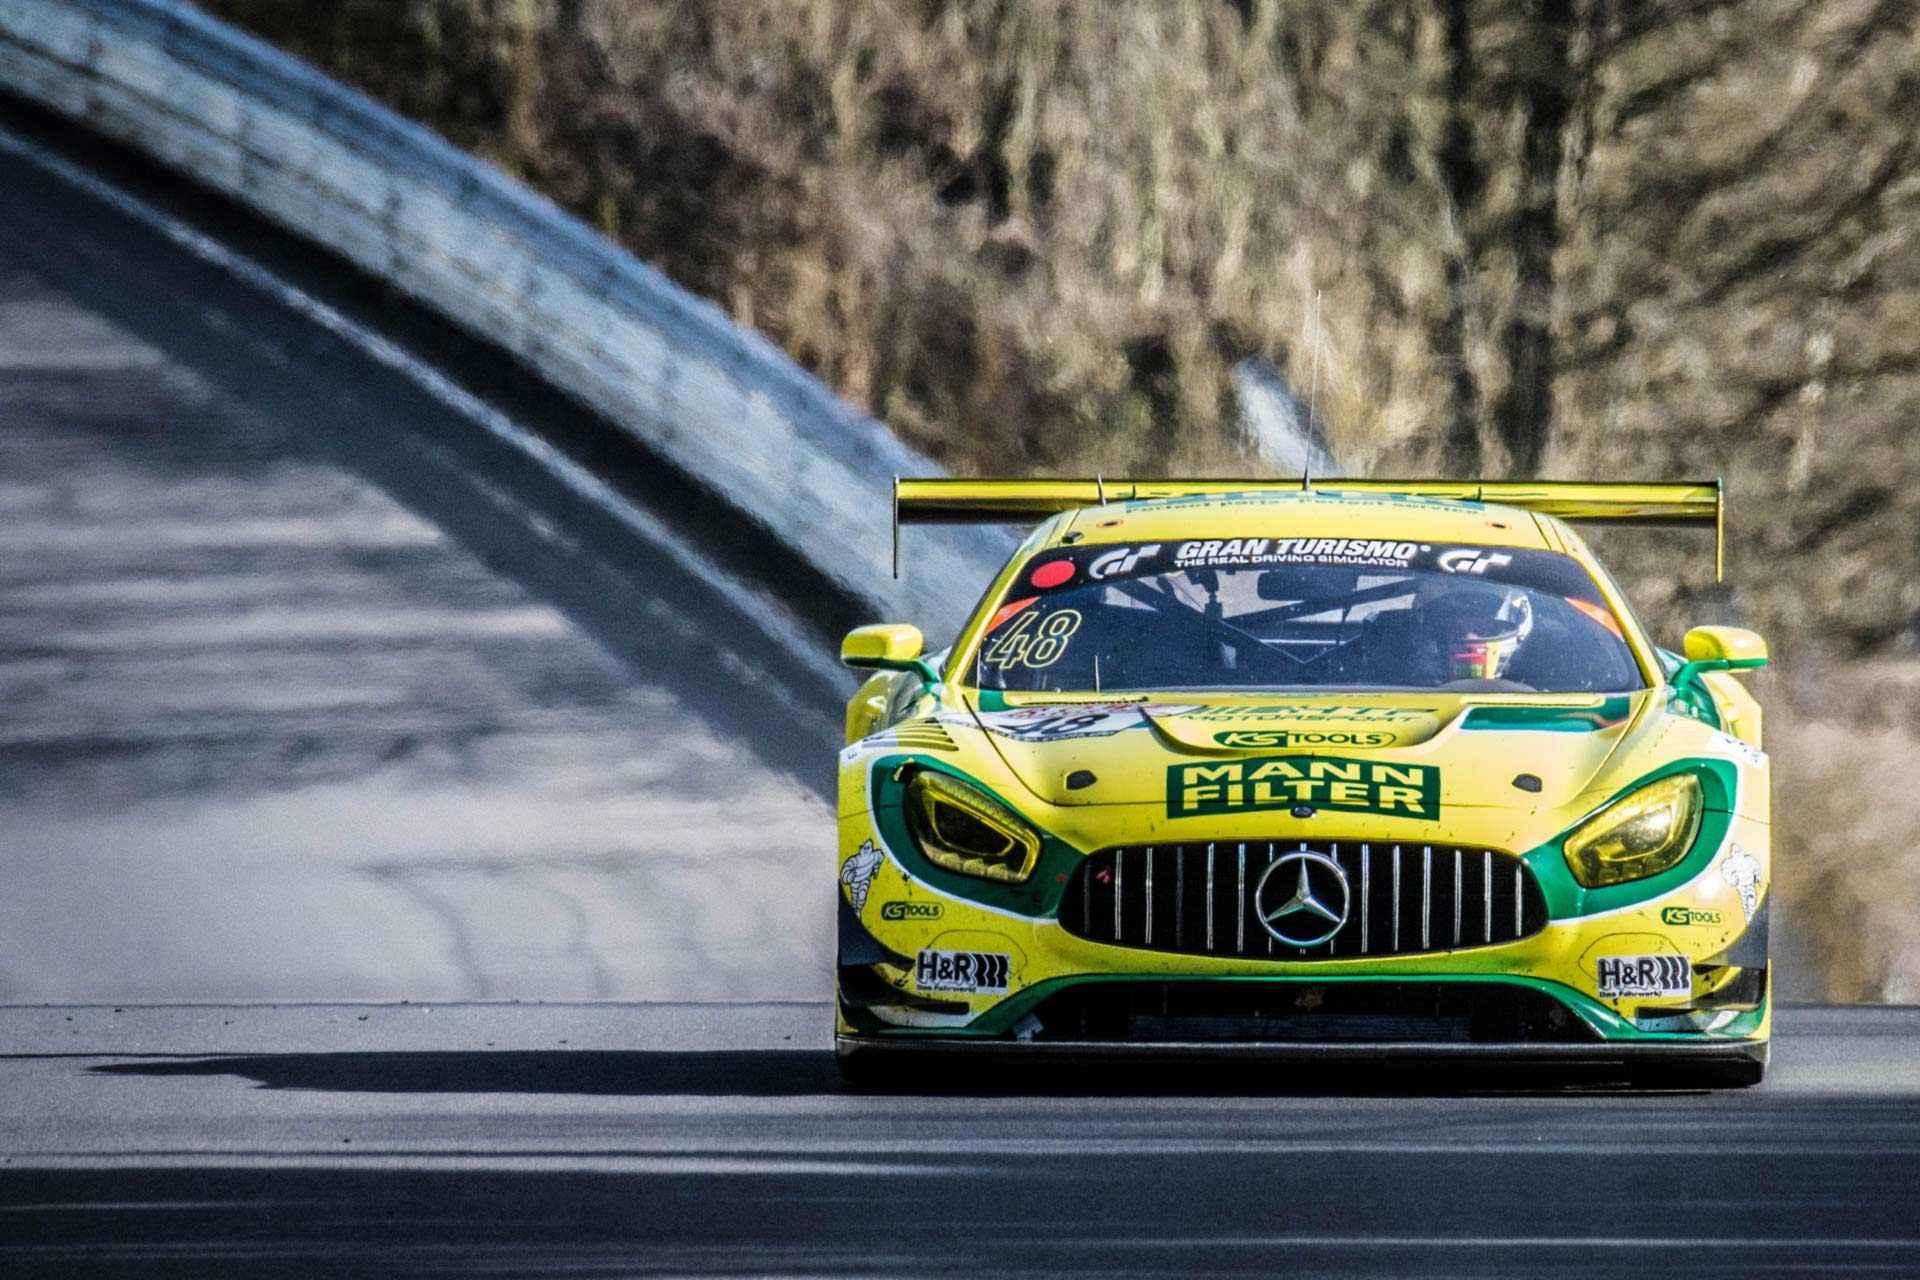 Imposantes Teilnehmerfeld auf der Grand-Prix-Rennstrecke im italienischen Monza